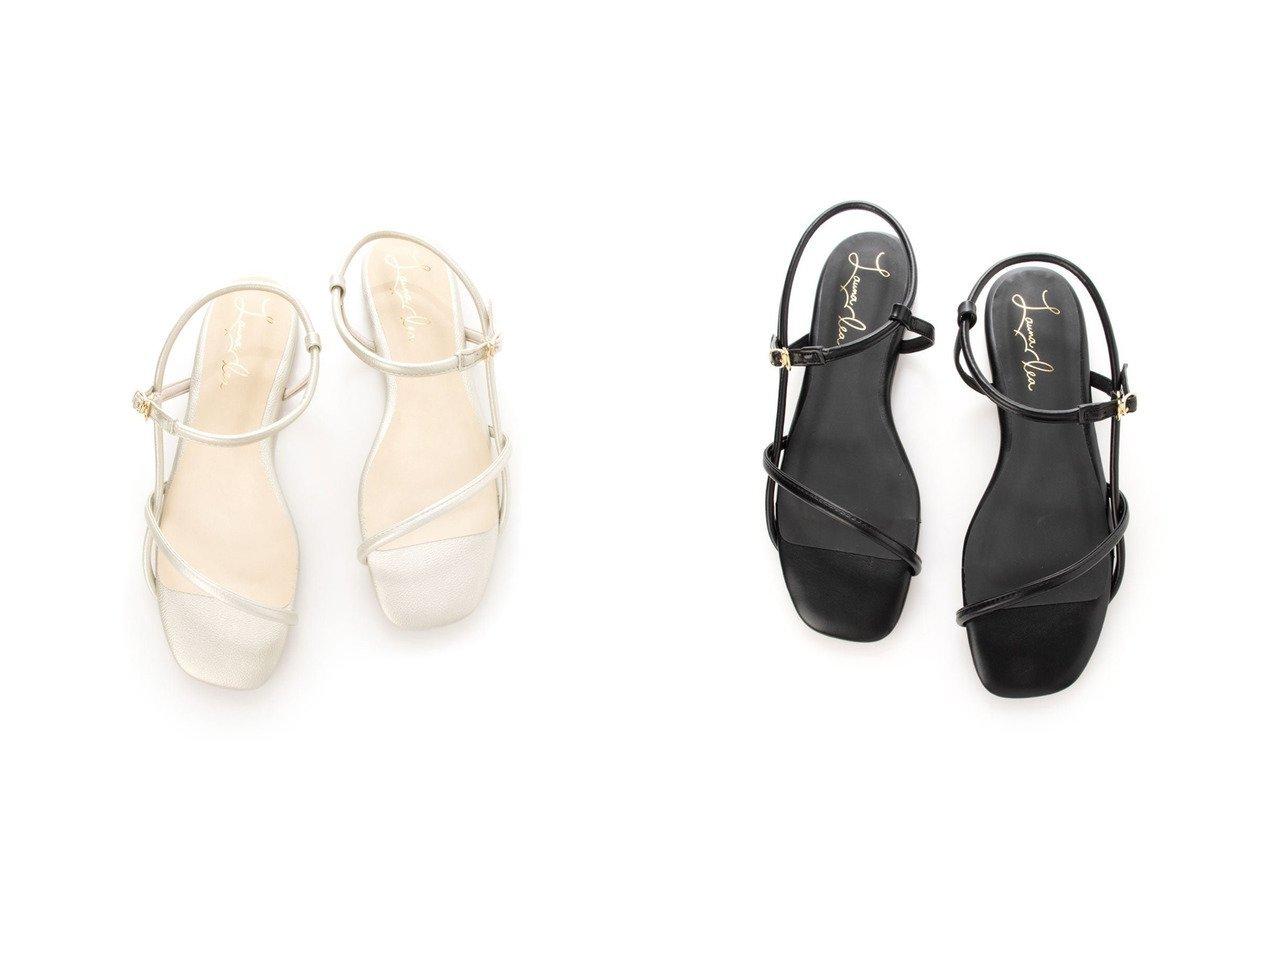 【Launa lea/ラウナレア】のローヒールストラップサンダル 【シューズ・靴】おすすめ!人気トレンド・レディースファッション通販 おすすめで人気の流行・トレンド、ファッションの通販商品 インテリア・家具・メンズファッション・キッズファッション・レディースファッション・服の通販 founy(ファニー) https://founy.com/ ファッション Fashion レディースファッション WOMEN インソール 春 Spring クッション 抗菌 サンダル トレンド メッシュ ラップ リラックス 2021年 2021 S/S・春夏 SS・Spring/Summer 2021春夏・S/S SS/Spring/Summer/2021 夏 Summer |ID:crp329100000052947